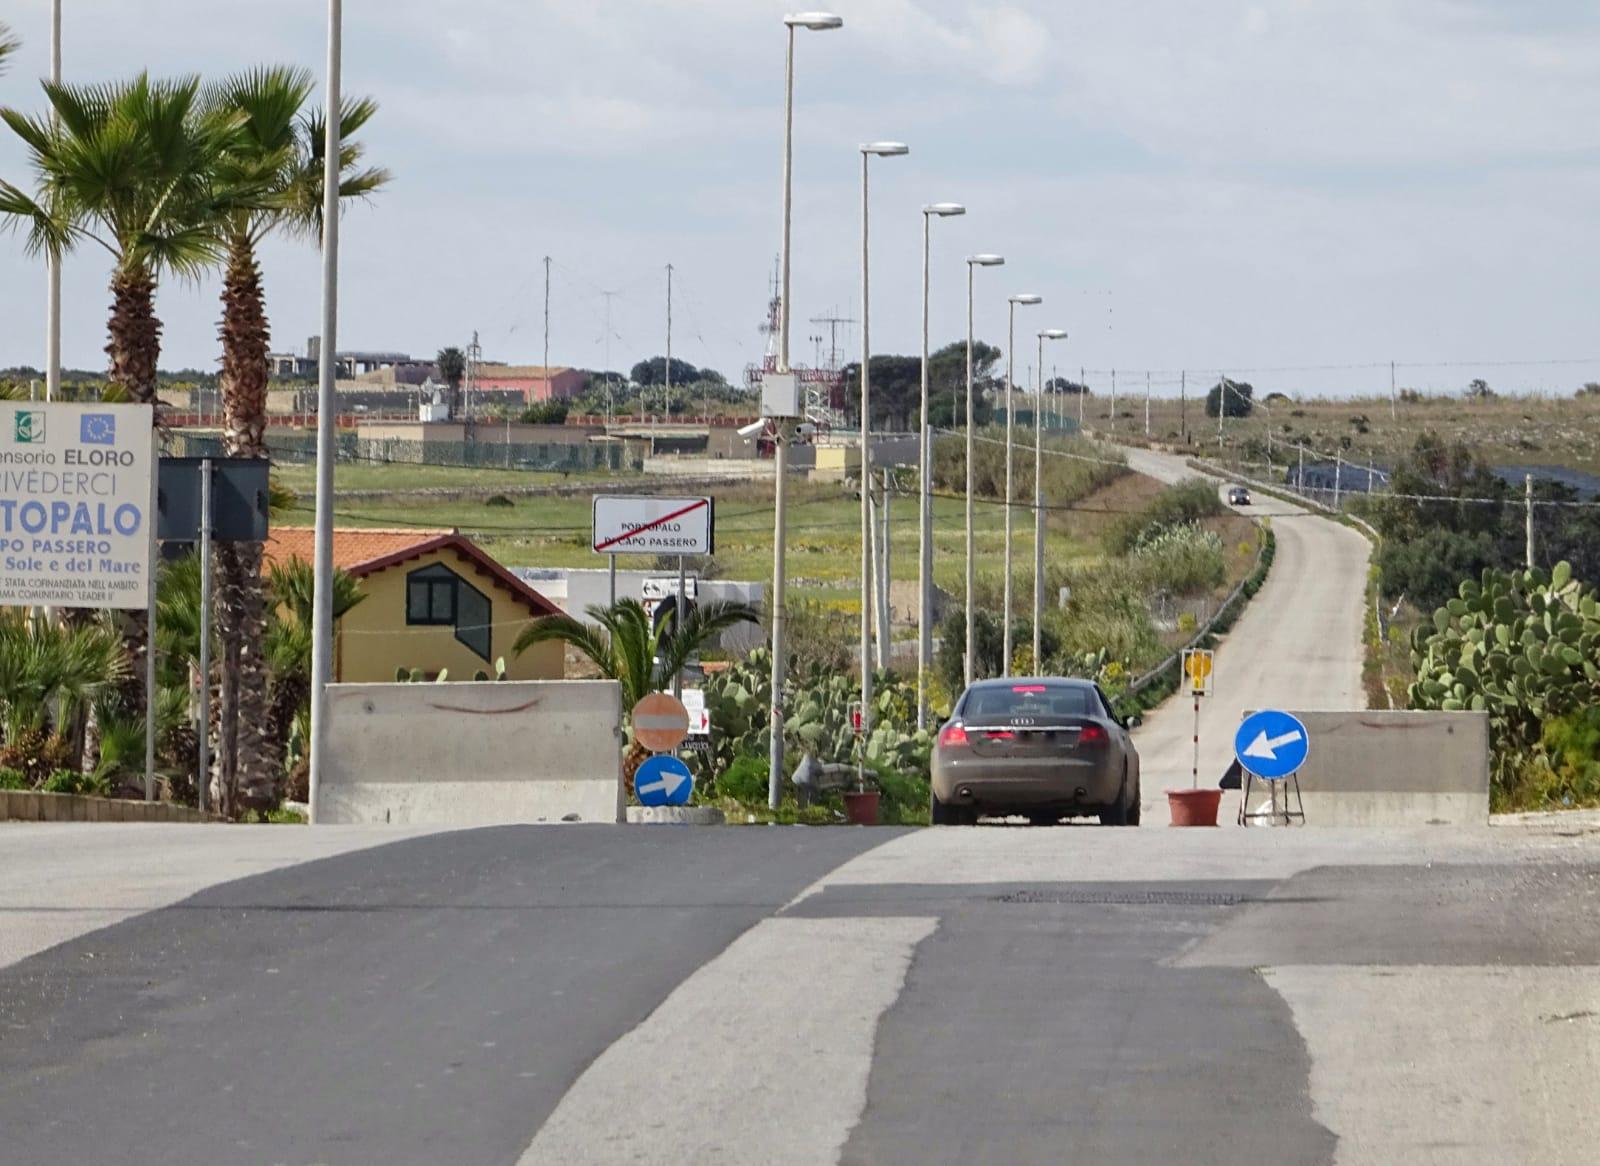 Il sindaco di Portopalo chiude il paese: new jersy all'ingresso del centro abitato